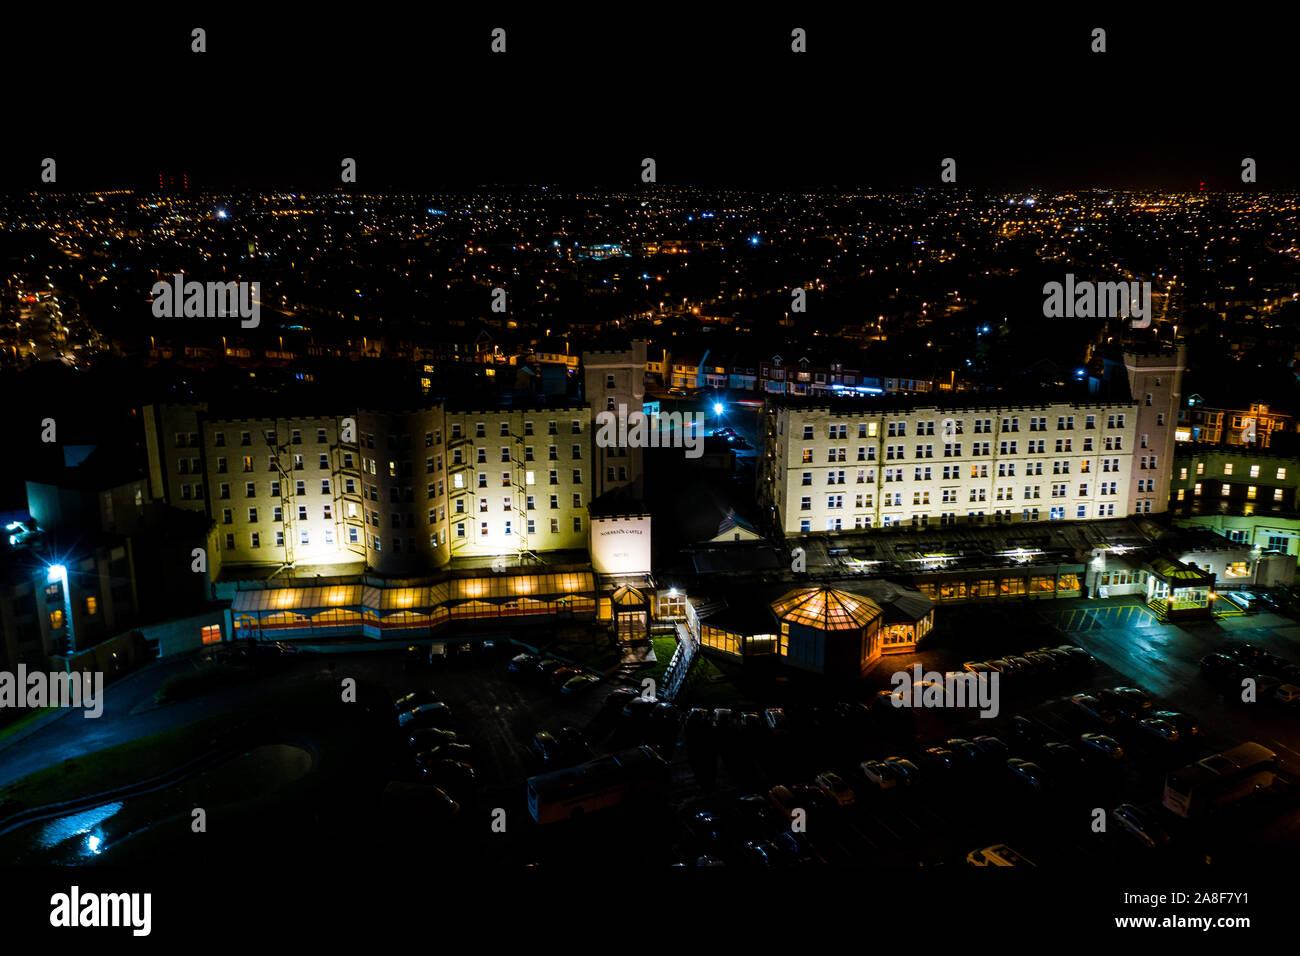 Hermosas vistas aéreas de Blackpool por la noche, incluido El Norbreck Castle Hotel situado en el paseo marítimo, el paisaje urbano Foto de stock